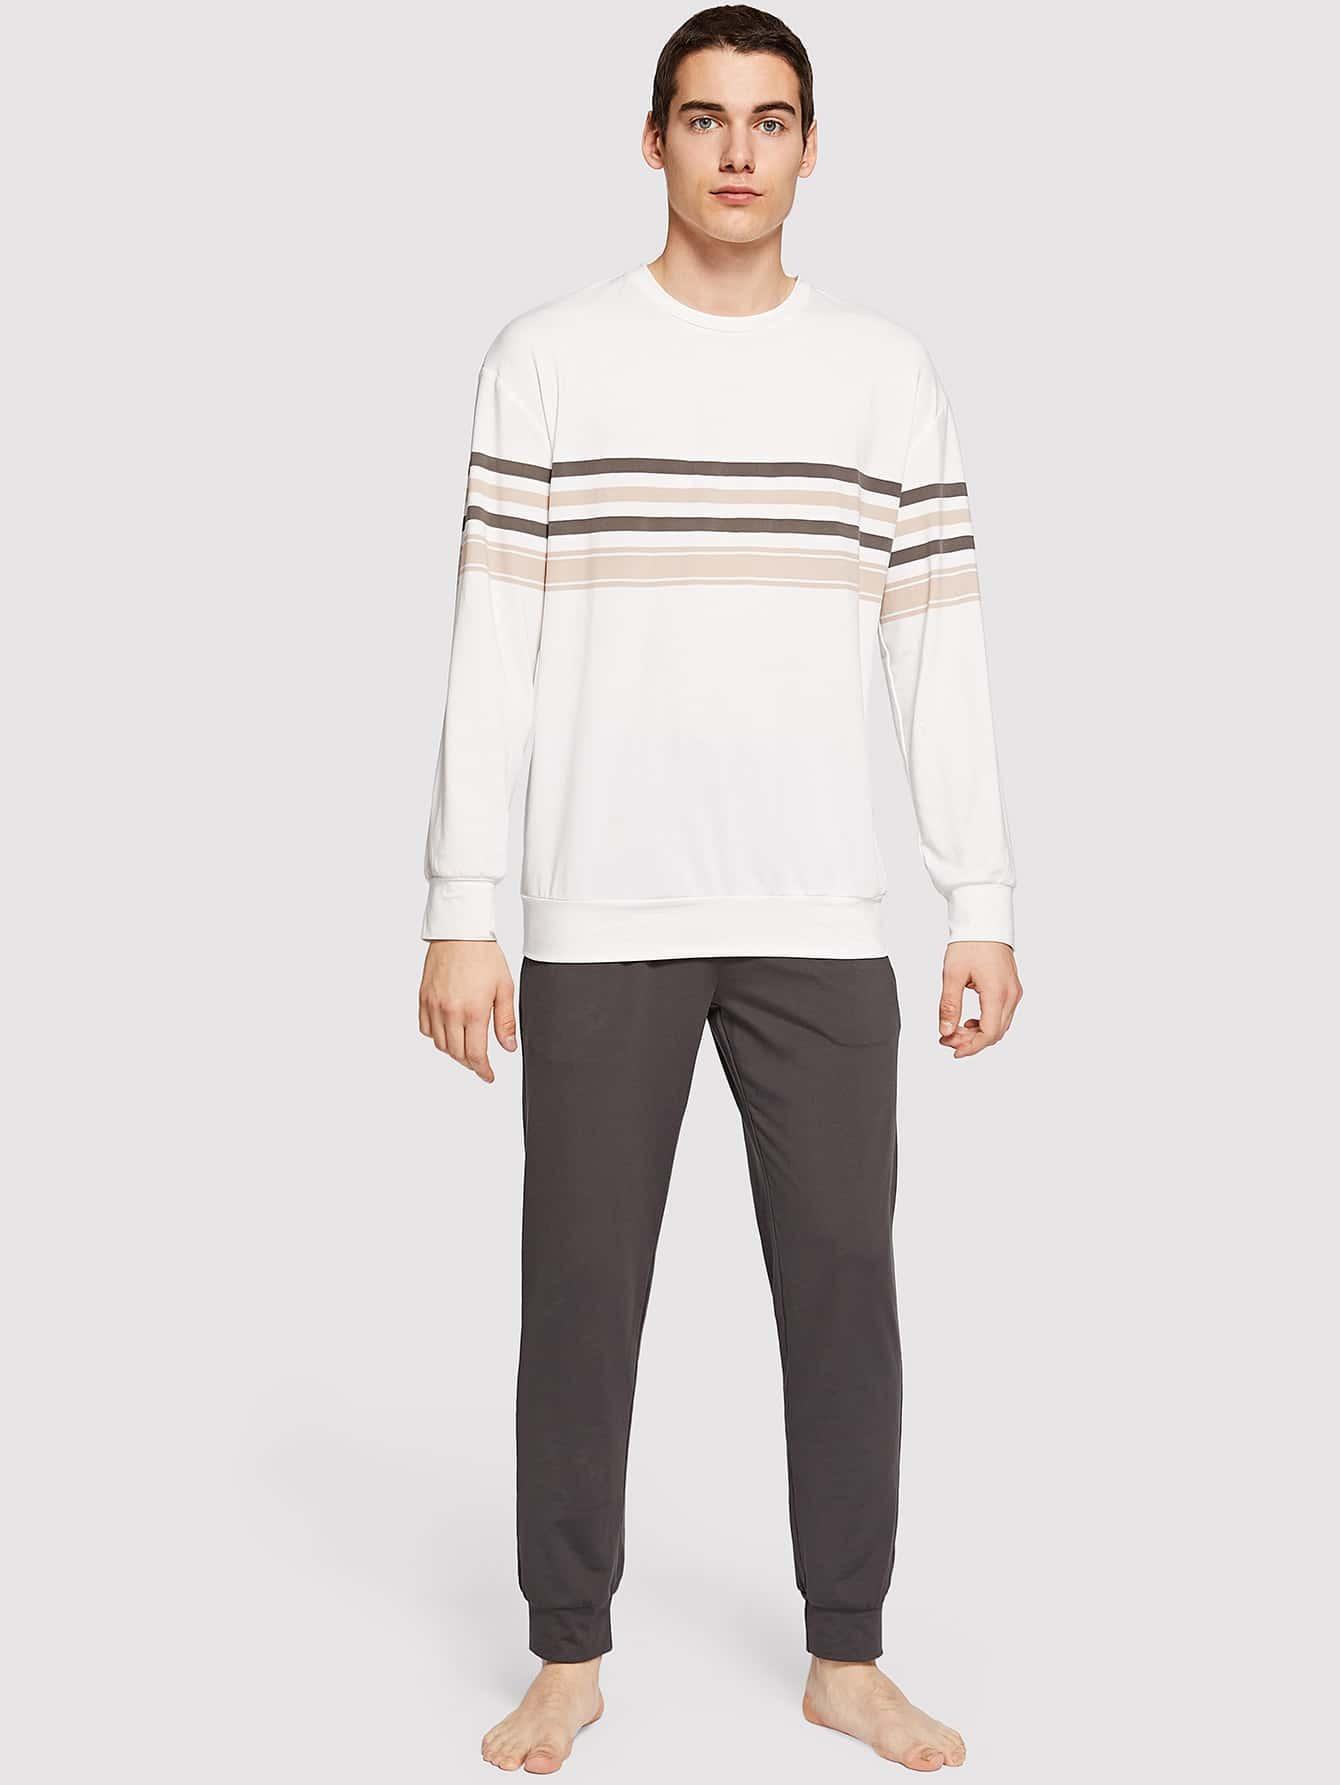 Купить Мужские полосатый пуловер и брюки пижамы комплект, Misha, SheIn